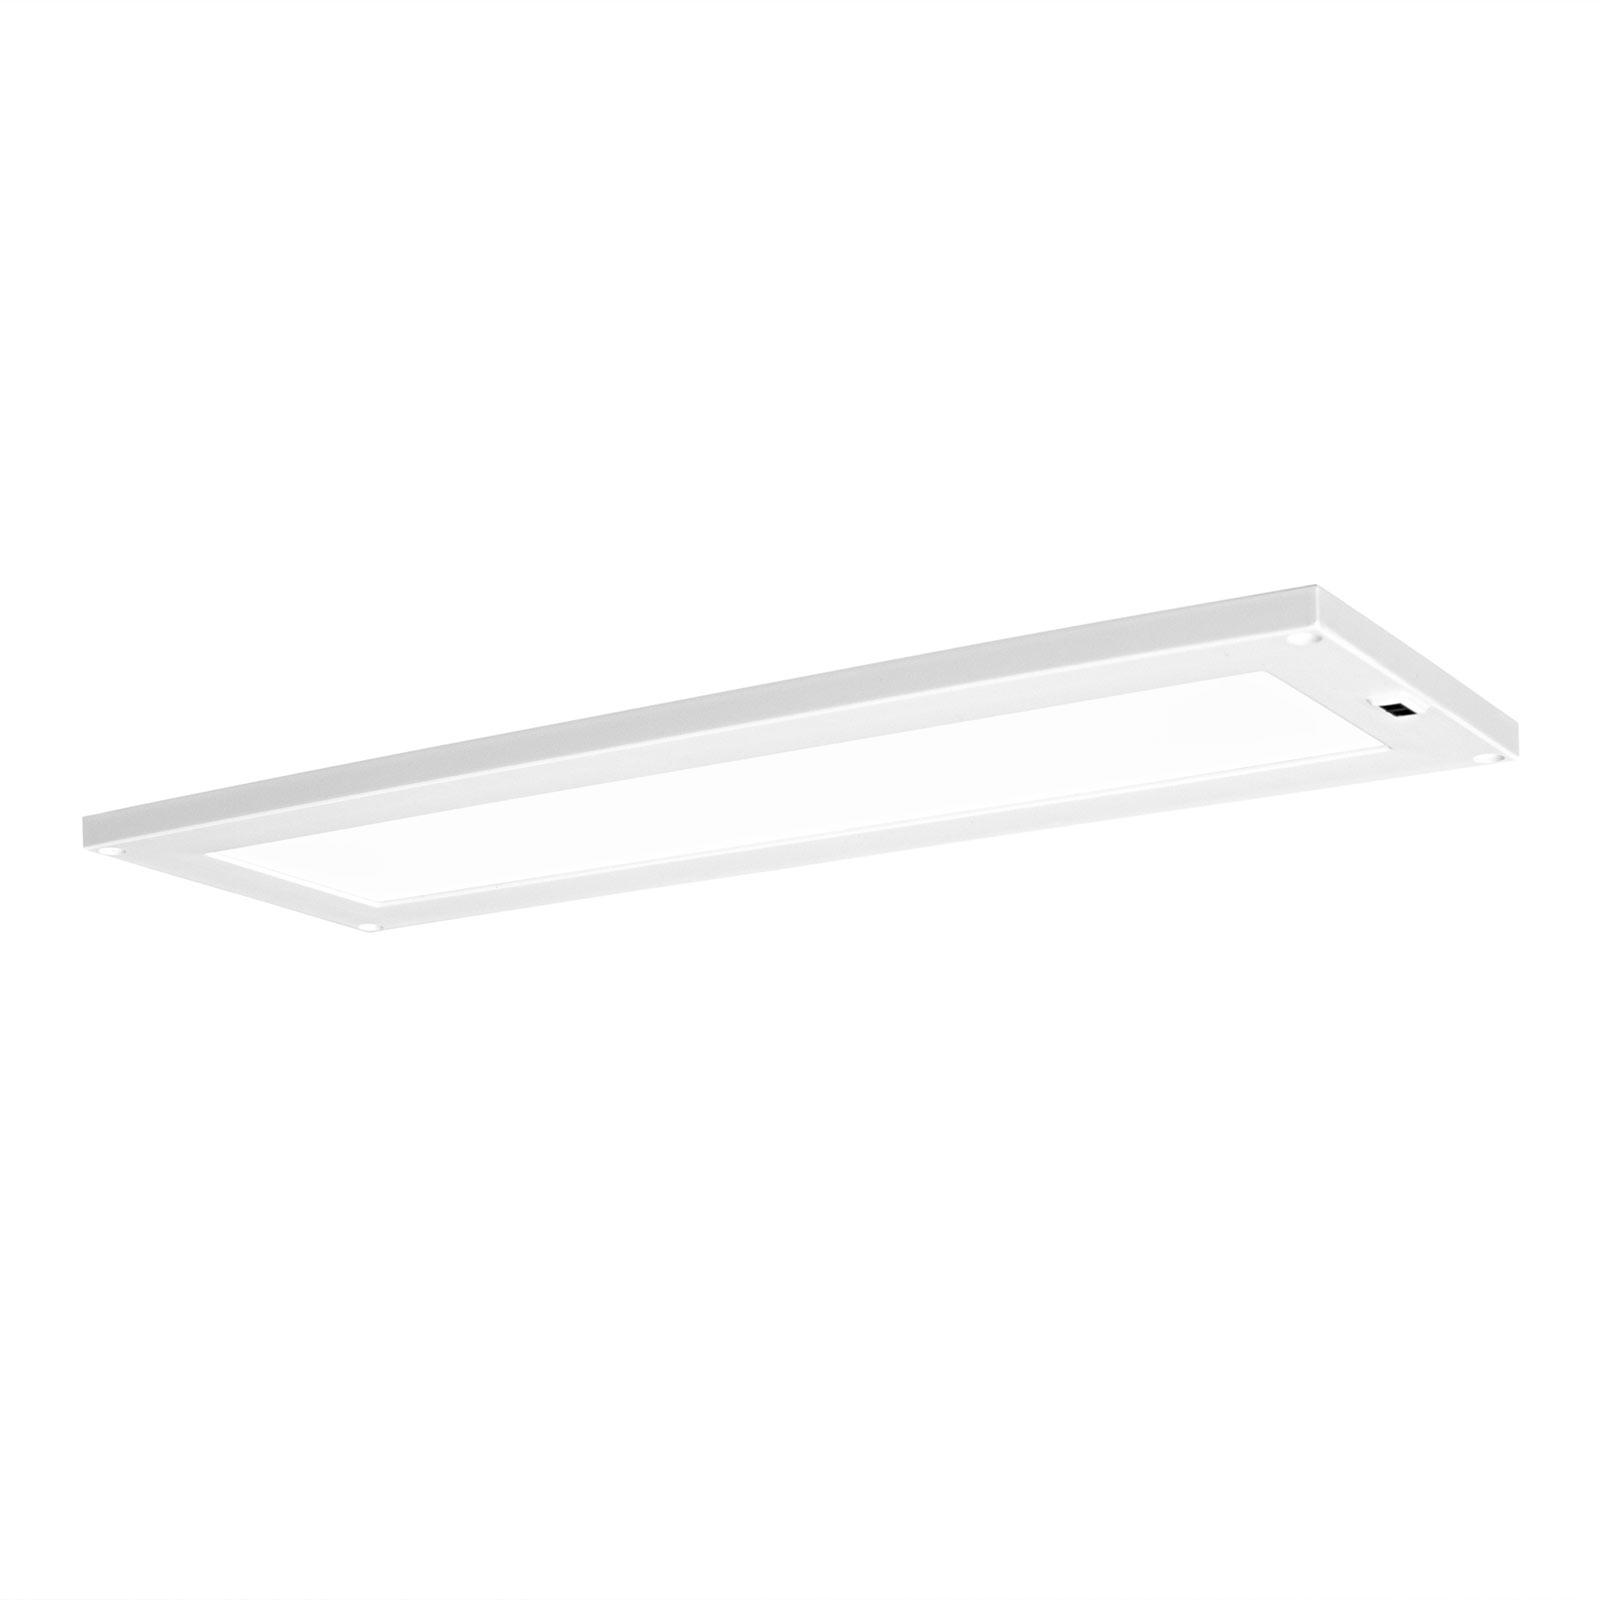 LEDVANCE Cabinet Panel bänklampa 30 x 10 cm